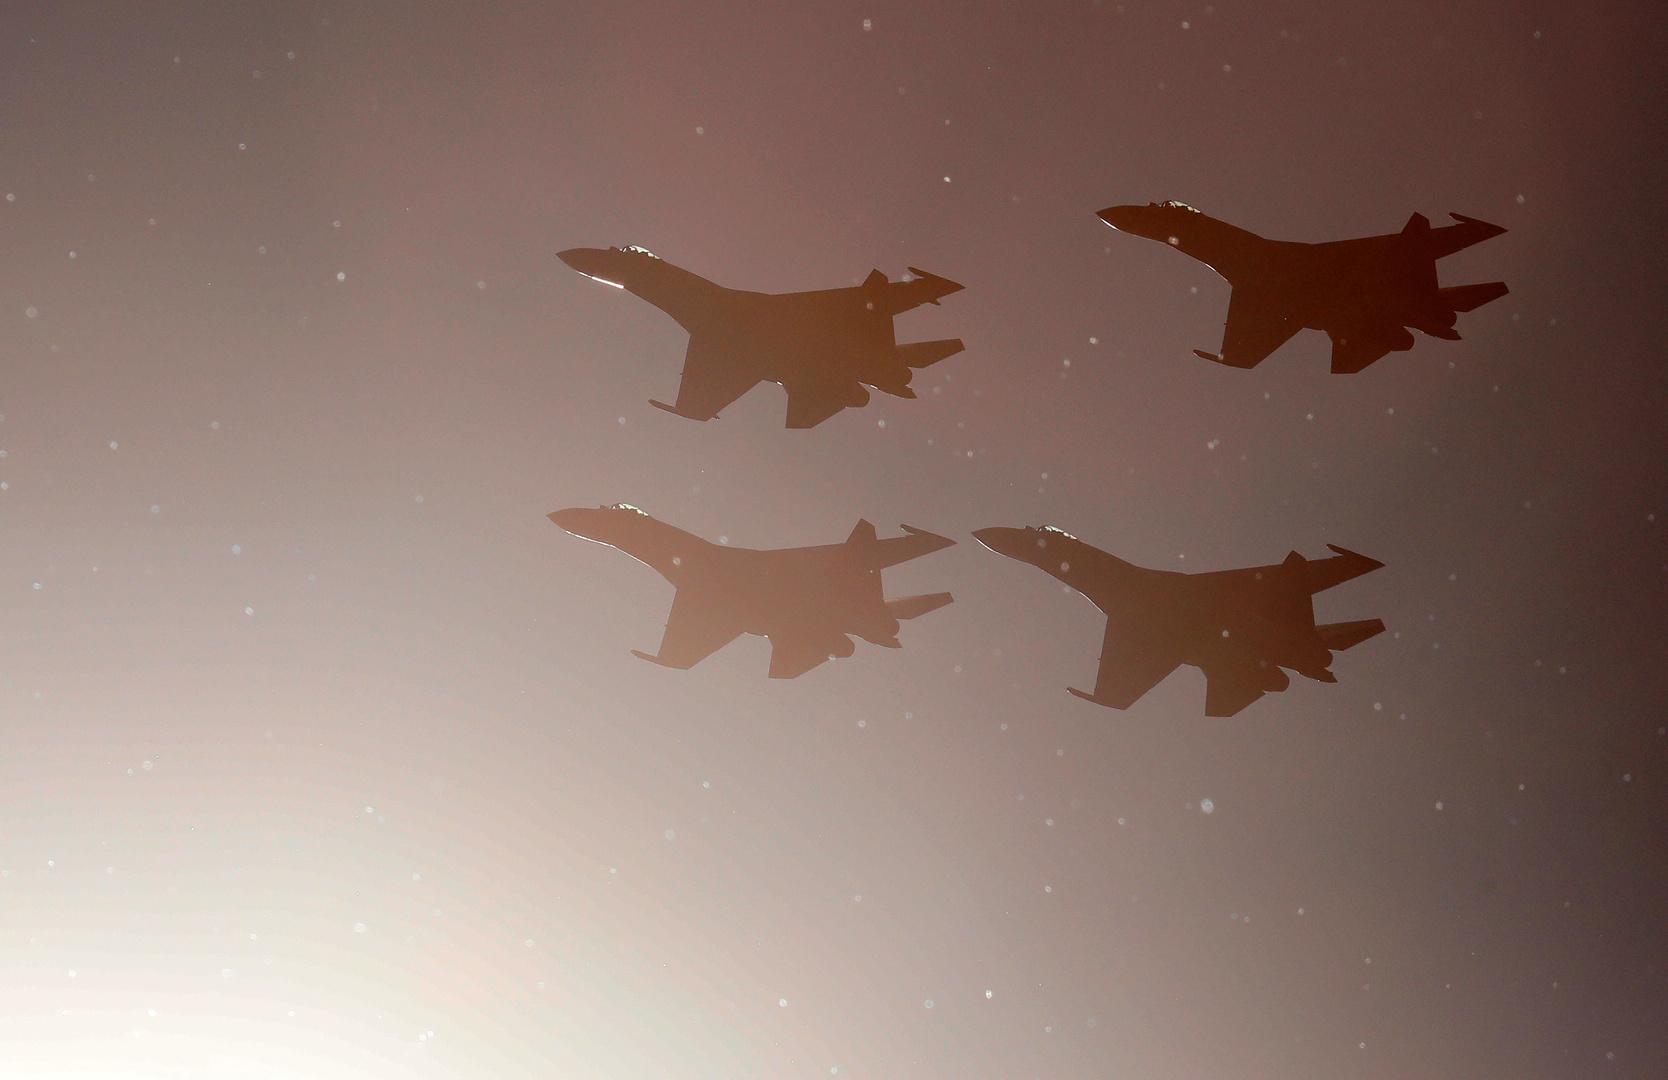 أول تعليق روسي على نبأإلغاء جاكرتا صفقة مقاتلات مع موسكو